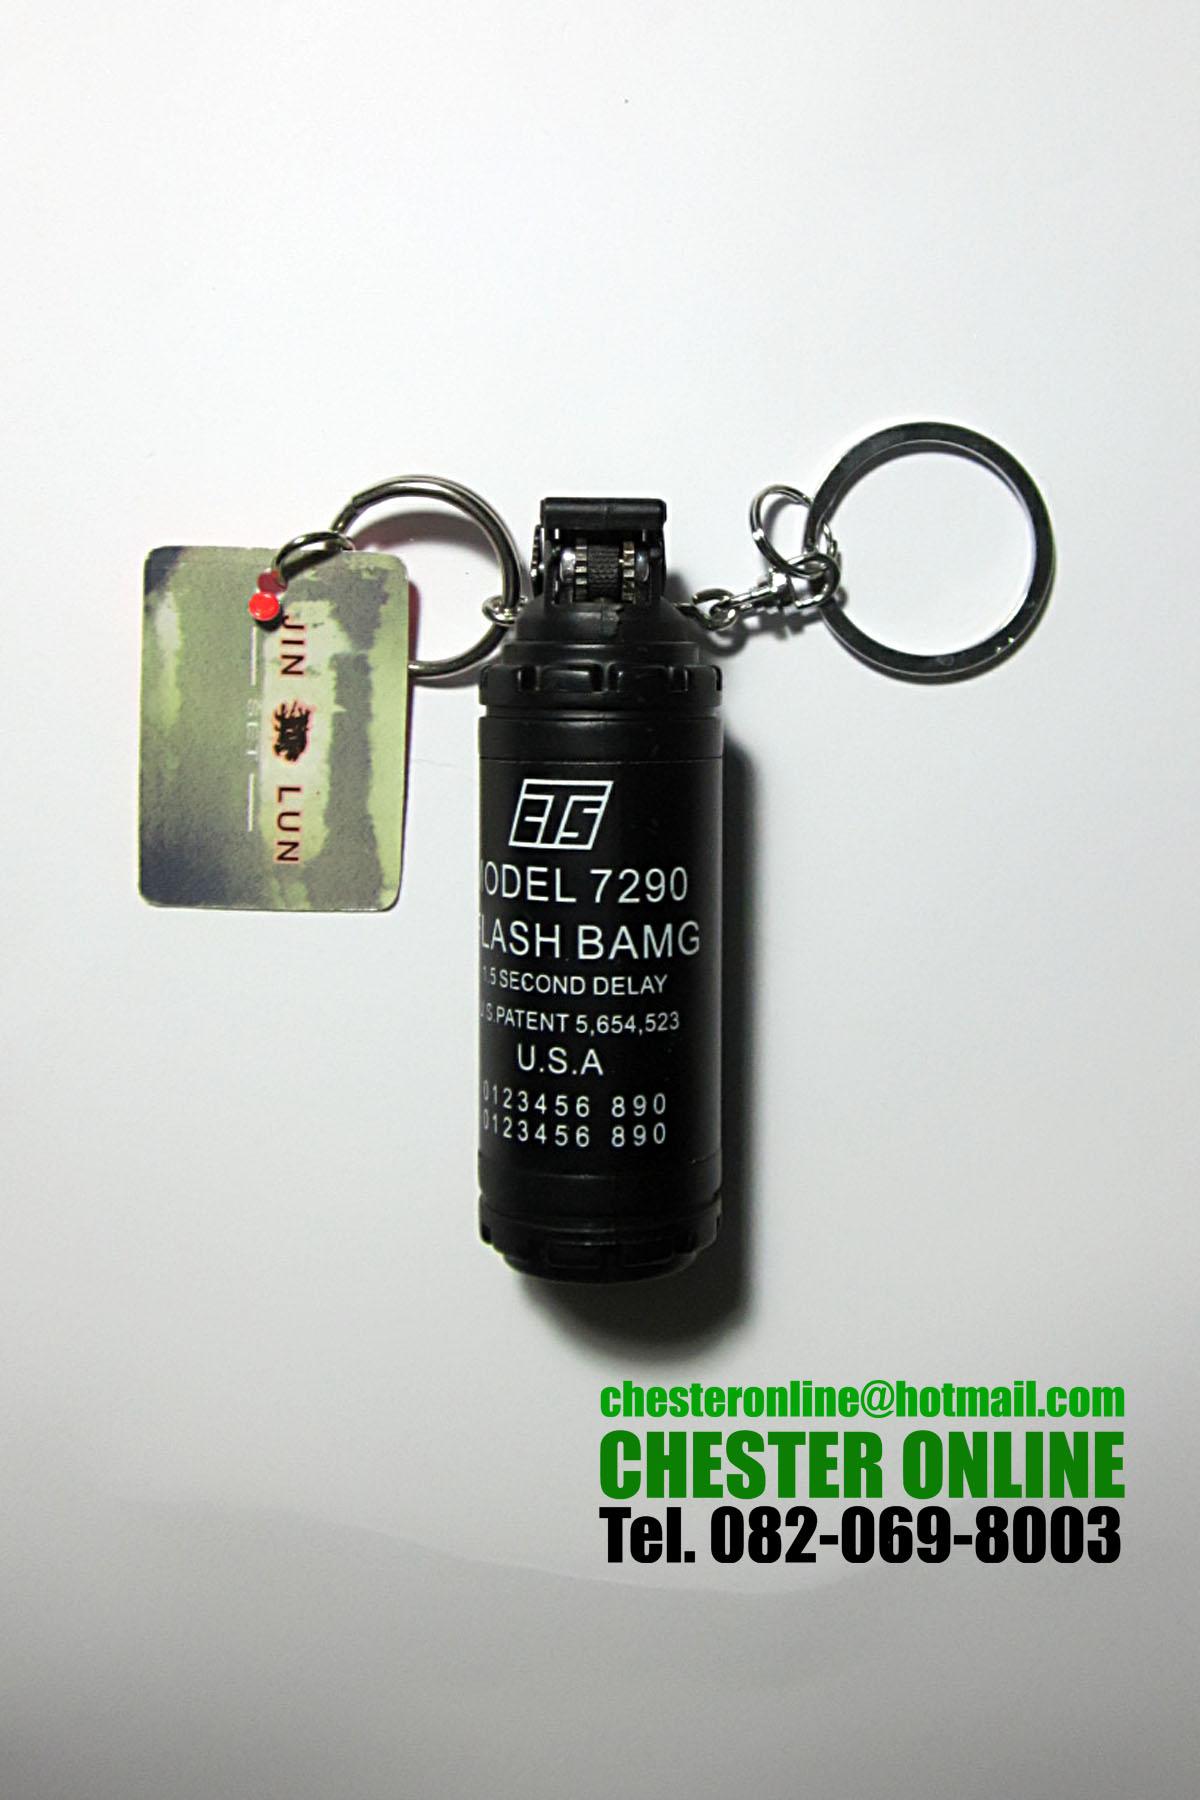 ไฟแช็คแก๊สแบบเปลวไฟแบบจำลองลูกระเบิด FLASH BAMG